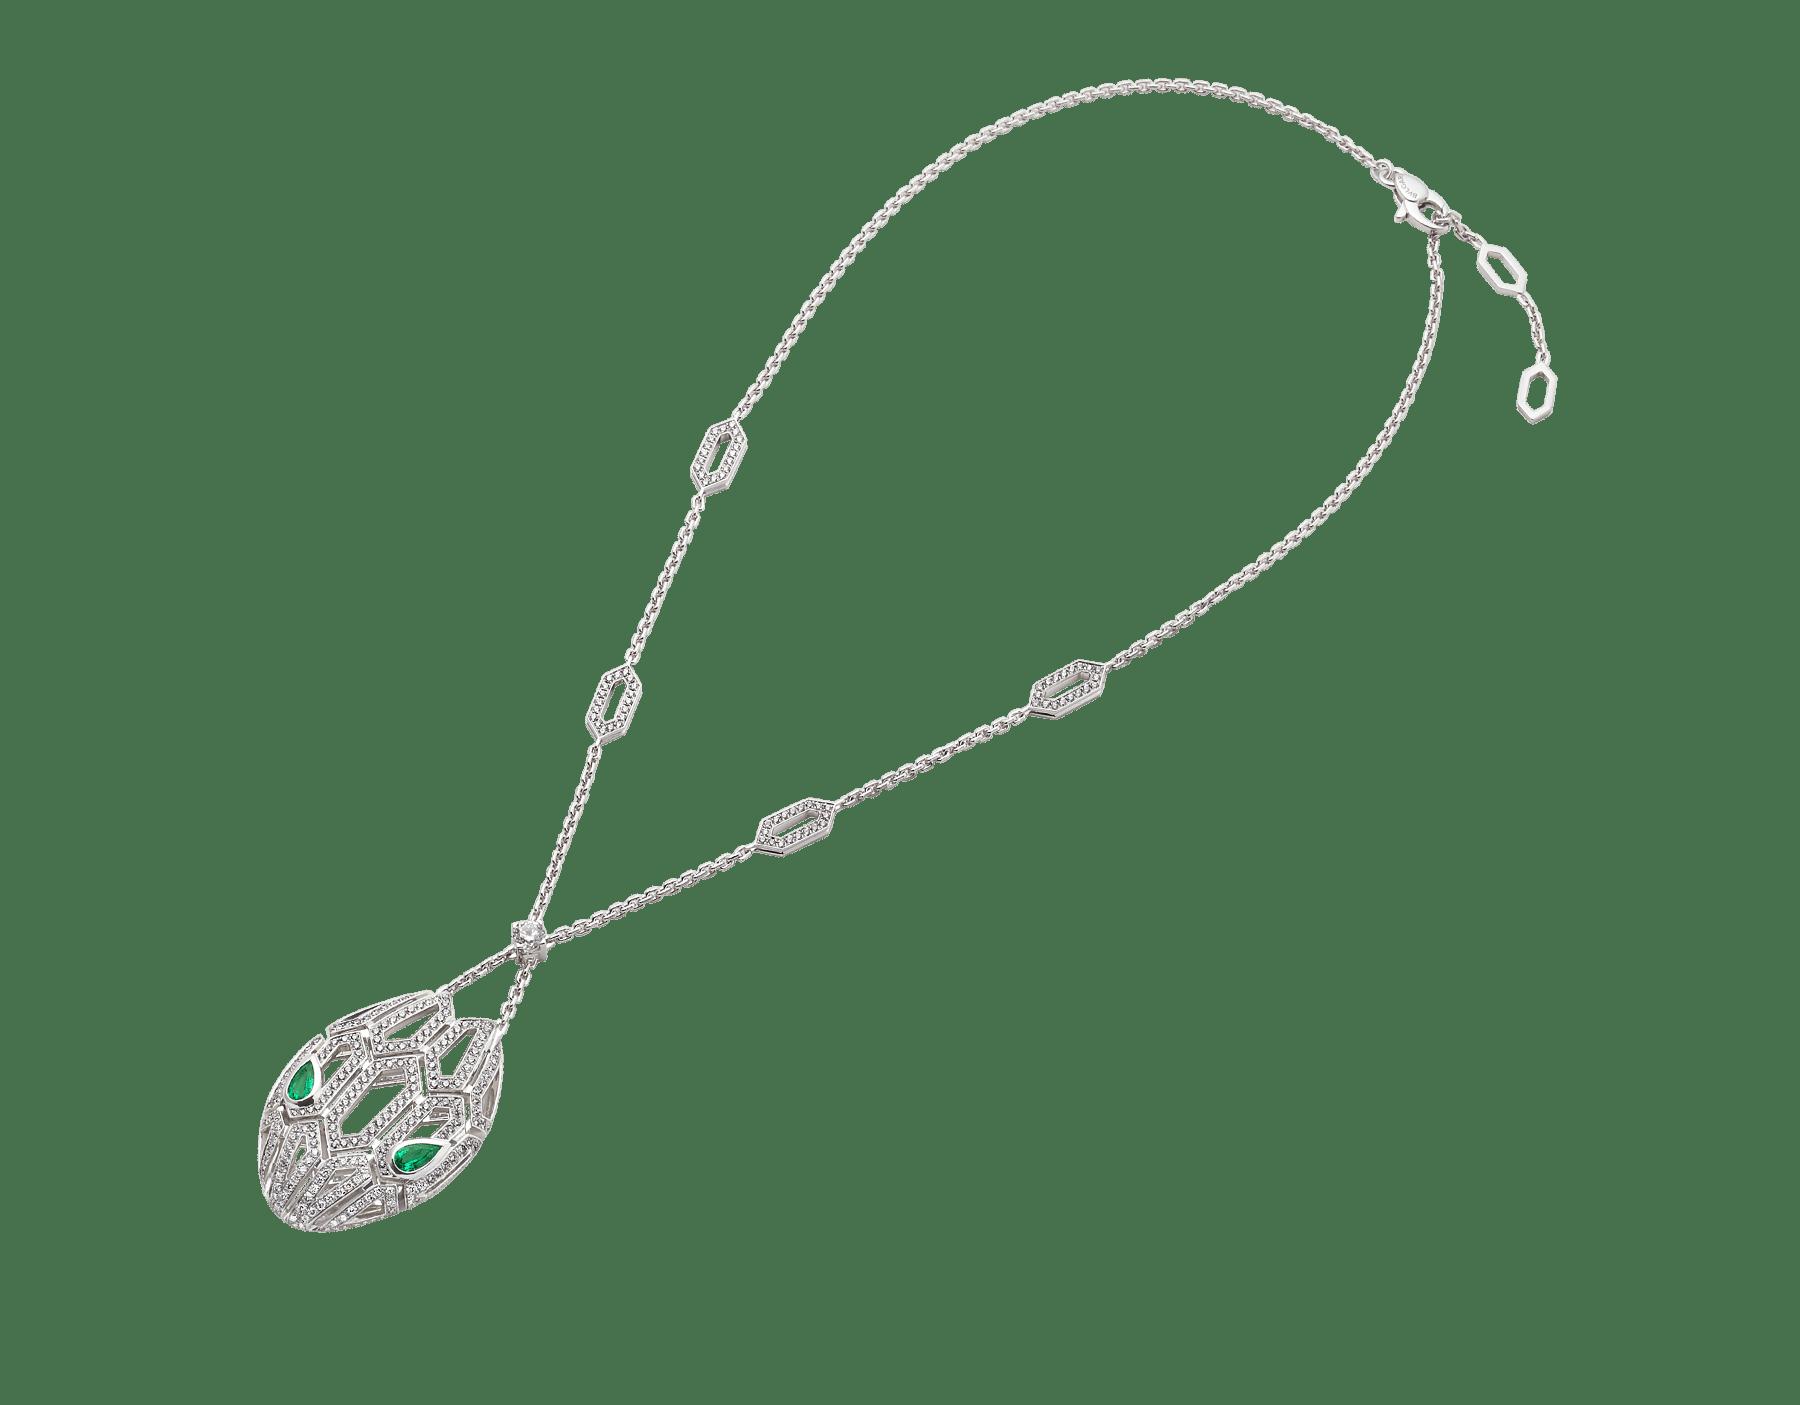 Sublimando as escamas de uma serpente com um encantador motivo hexagonal desenhado com diamantes cravejados, o colar Serpenti brilha com desejo e com o magnetismo irresistível de seus olhos de esmeralda. 352752 image 2